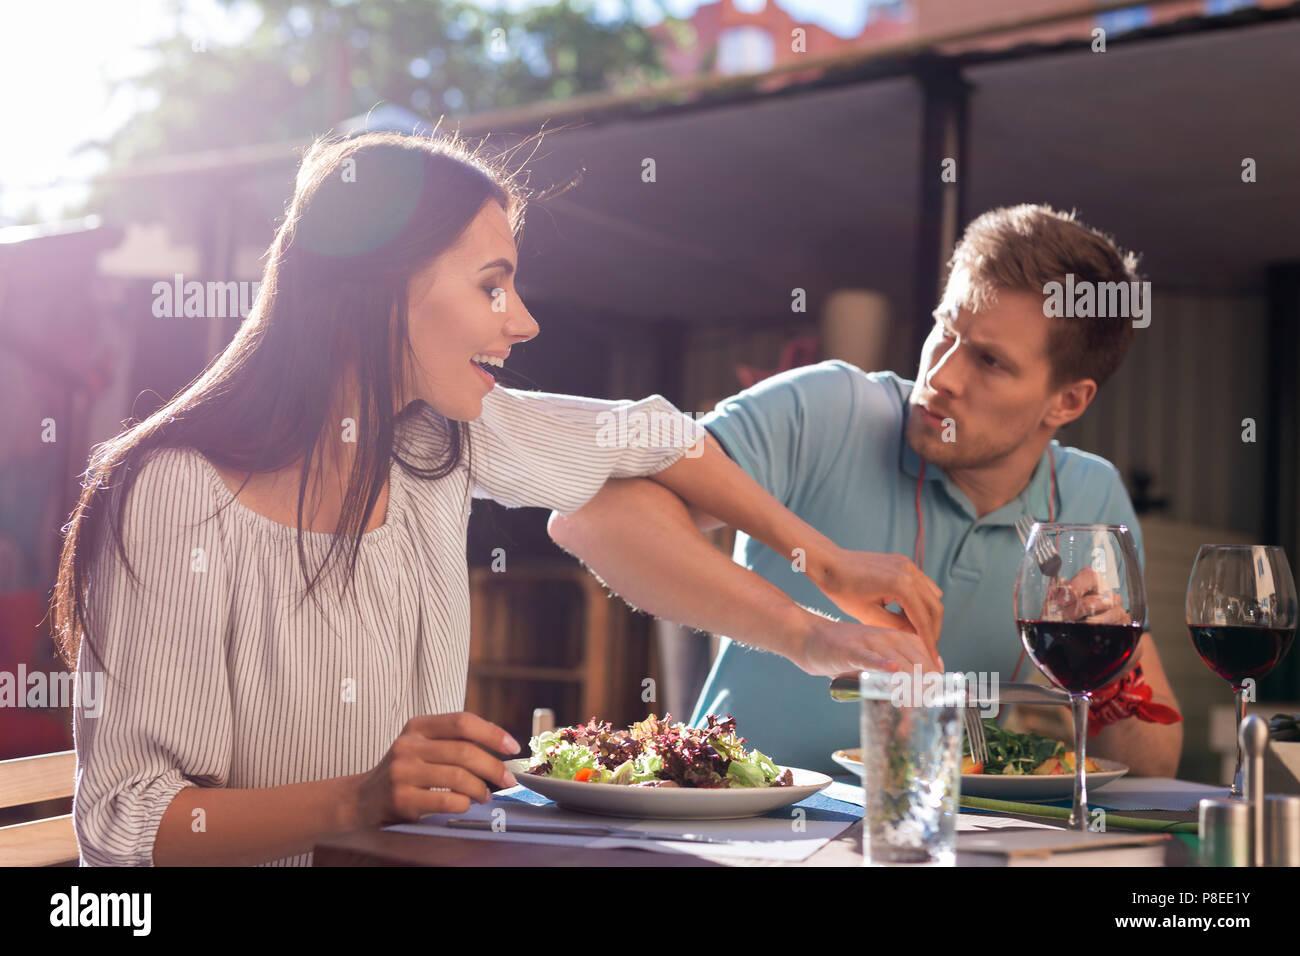 L'homme avide de ne pas laisser sa femme essayant sa salade composée Photo Stock